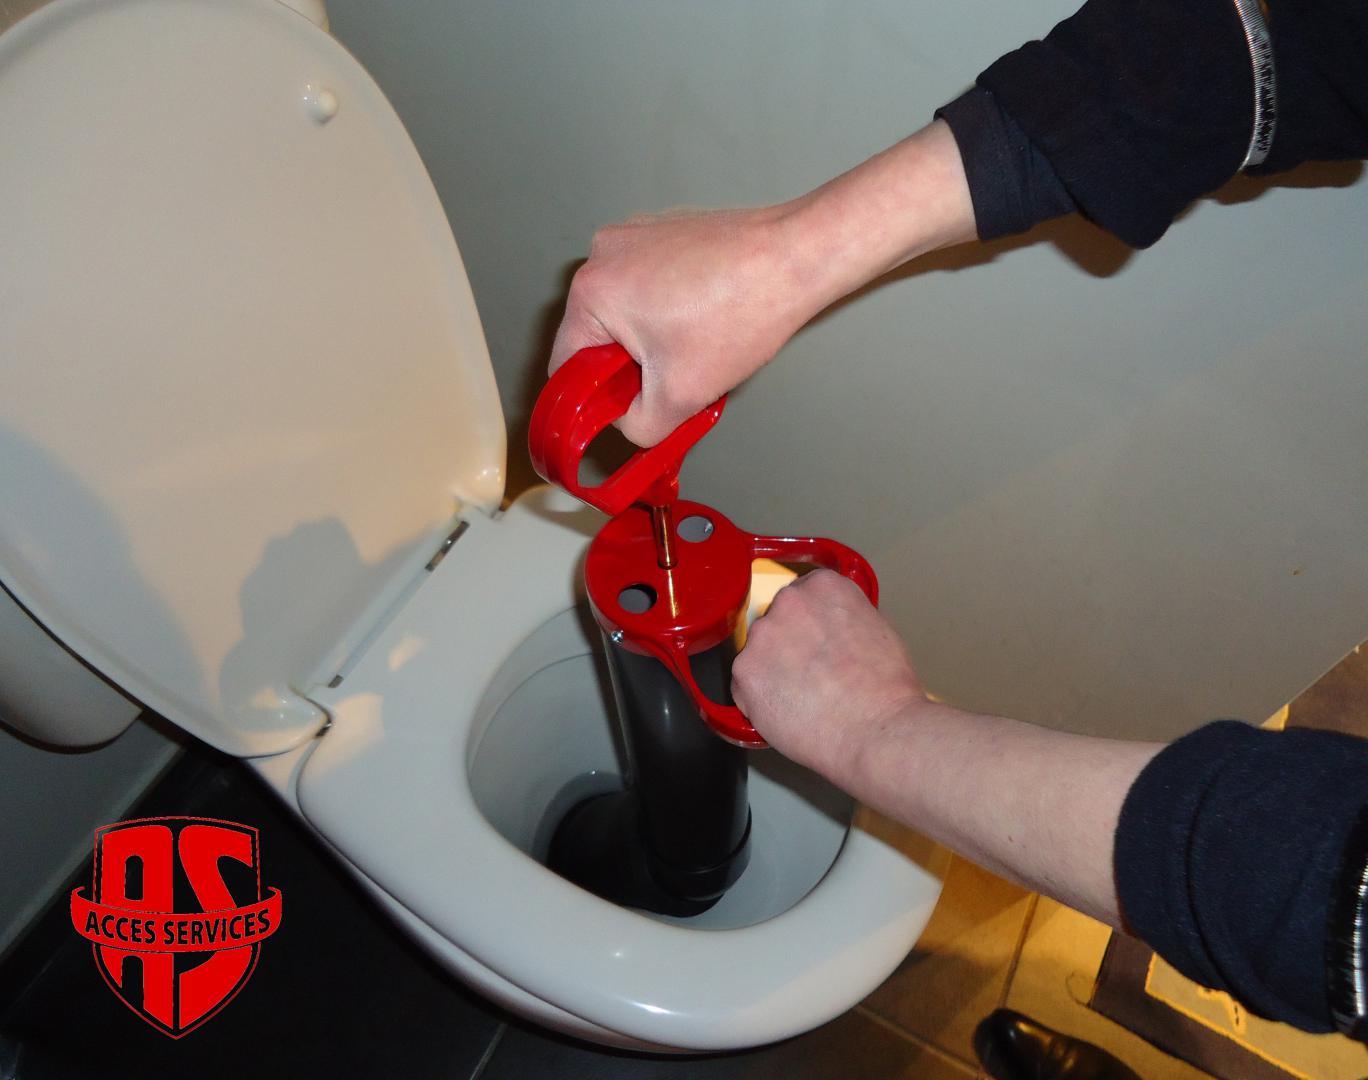 Plombier Wc Bouches avec Toilettes Bouchées